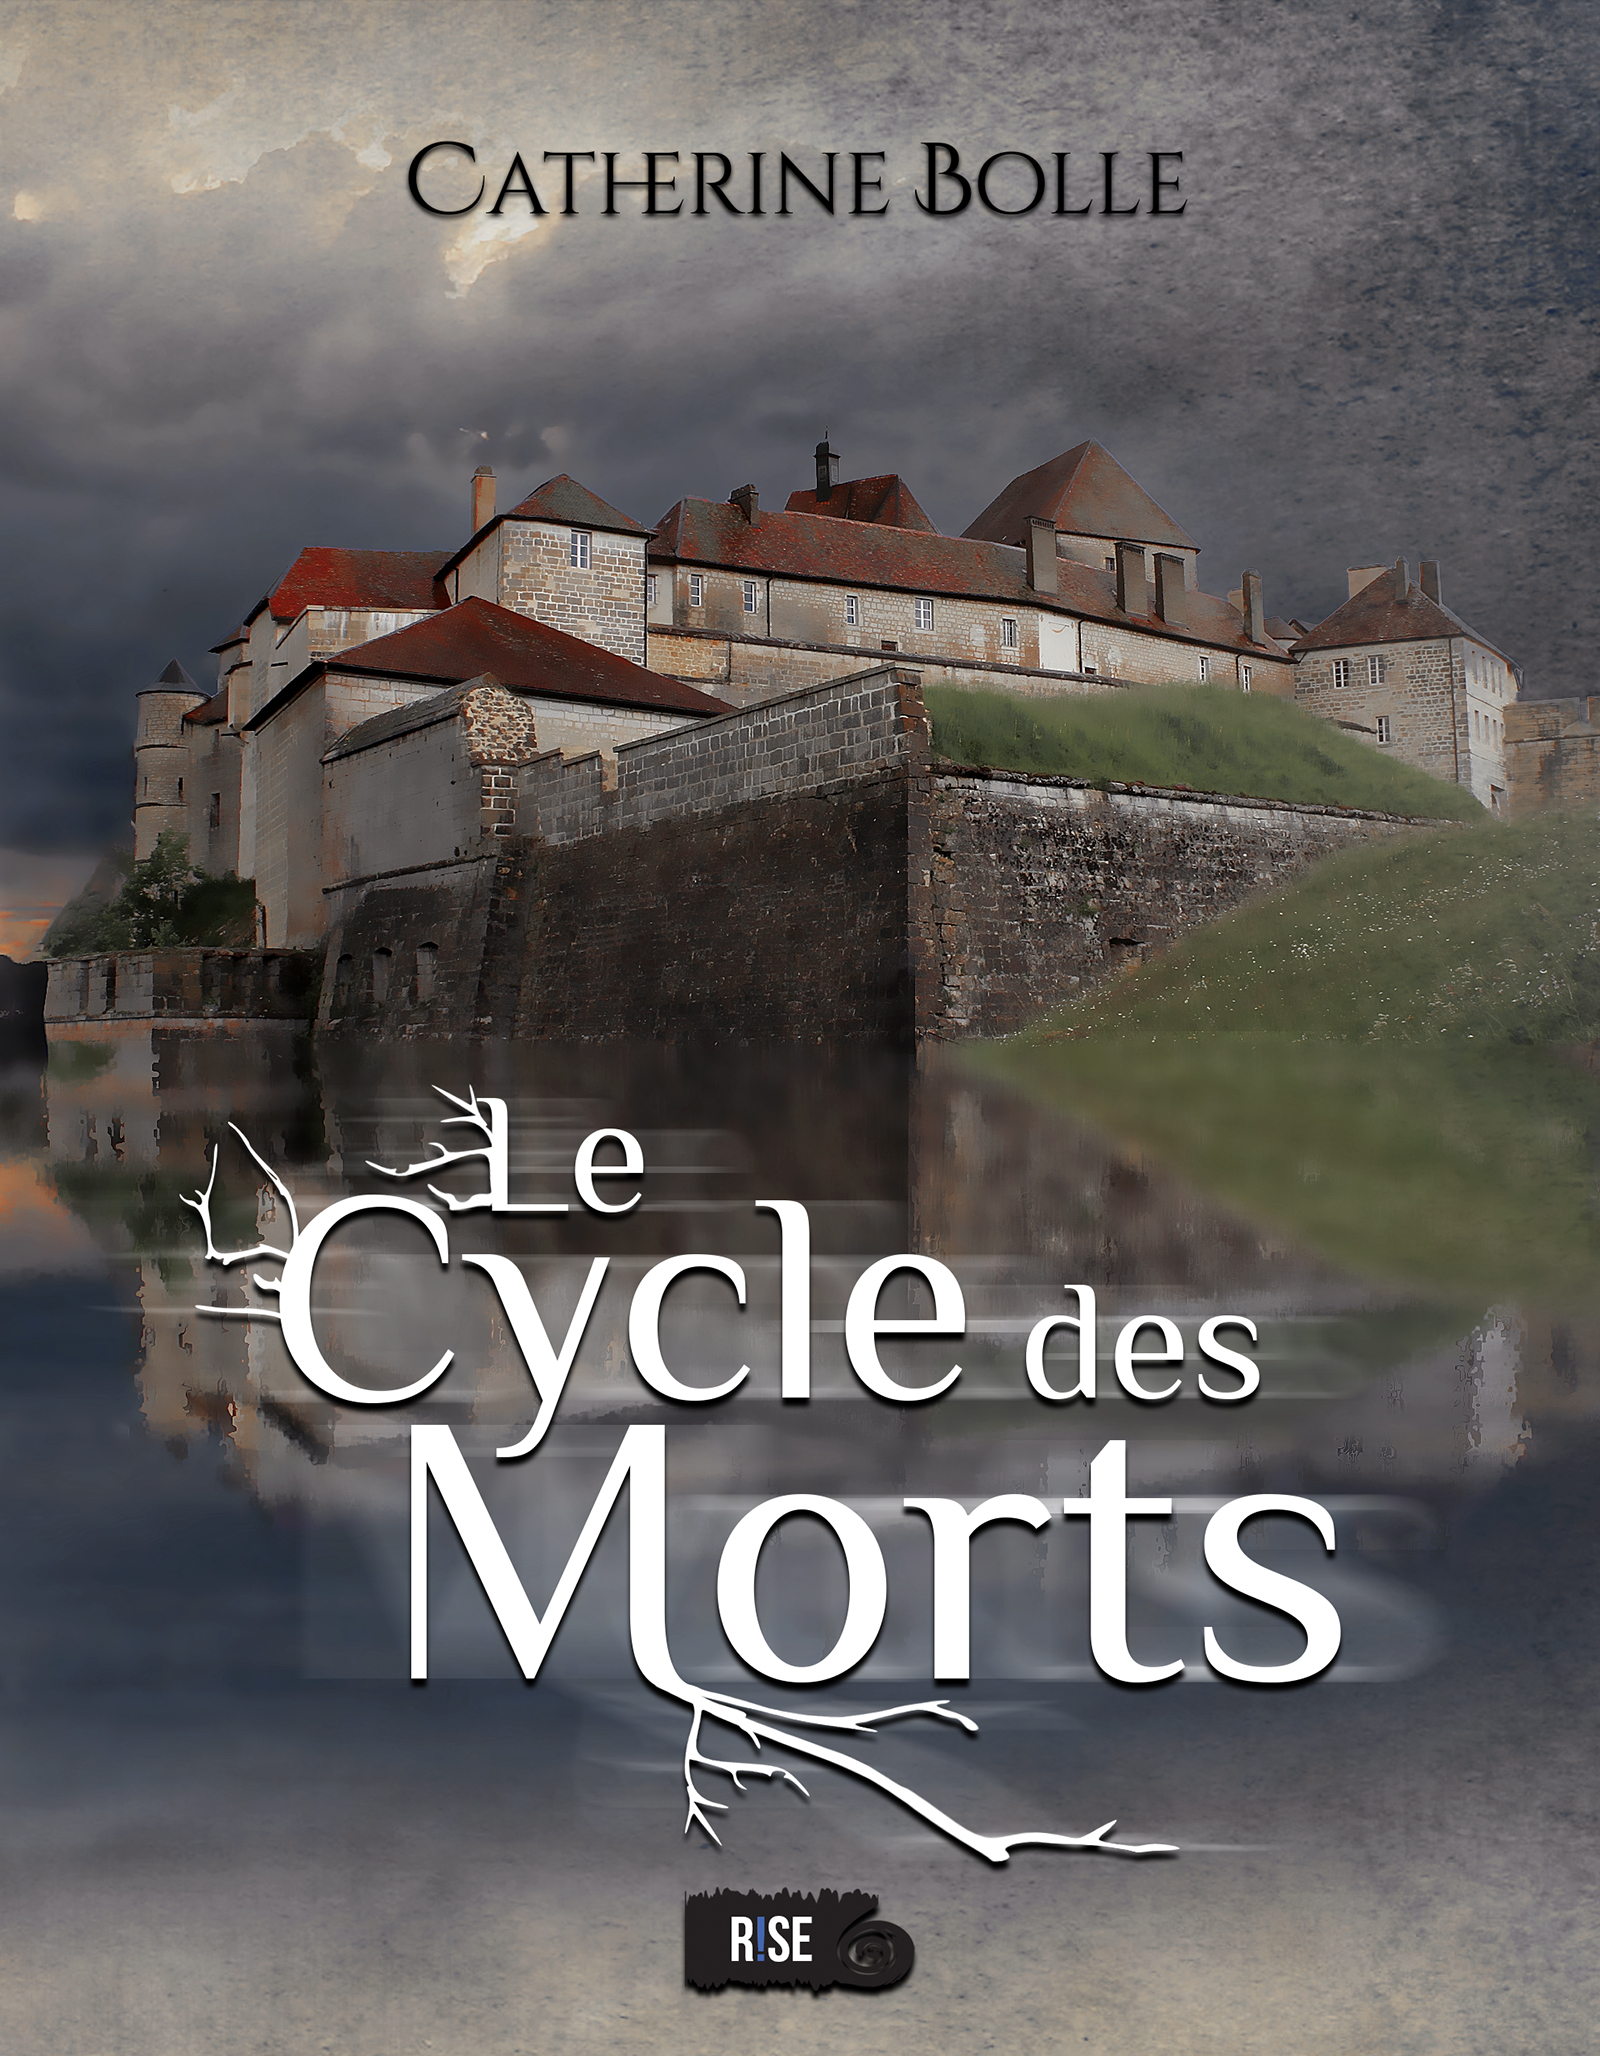 Le Cycle des Morts